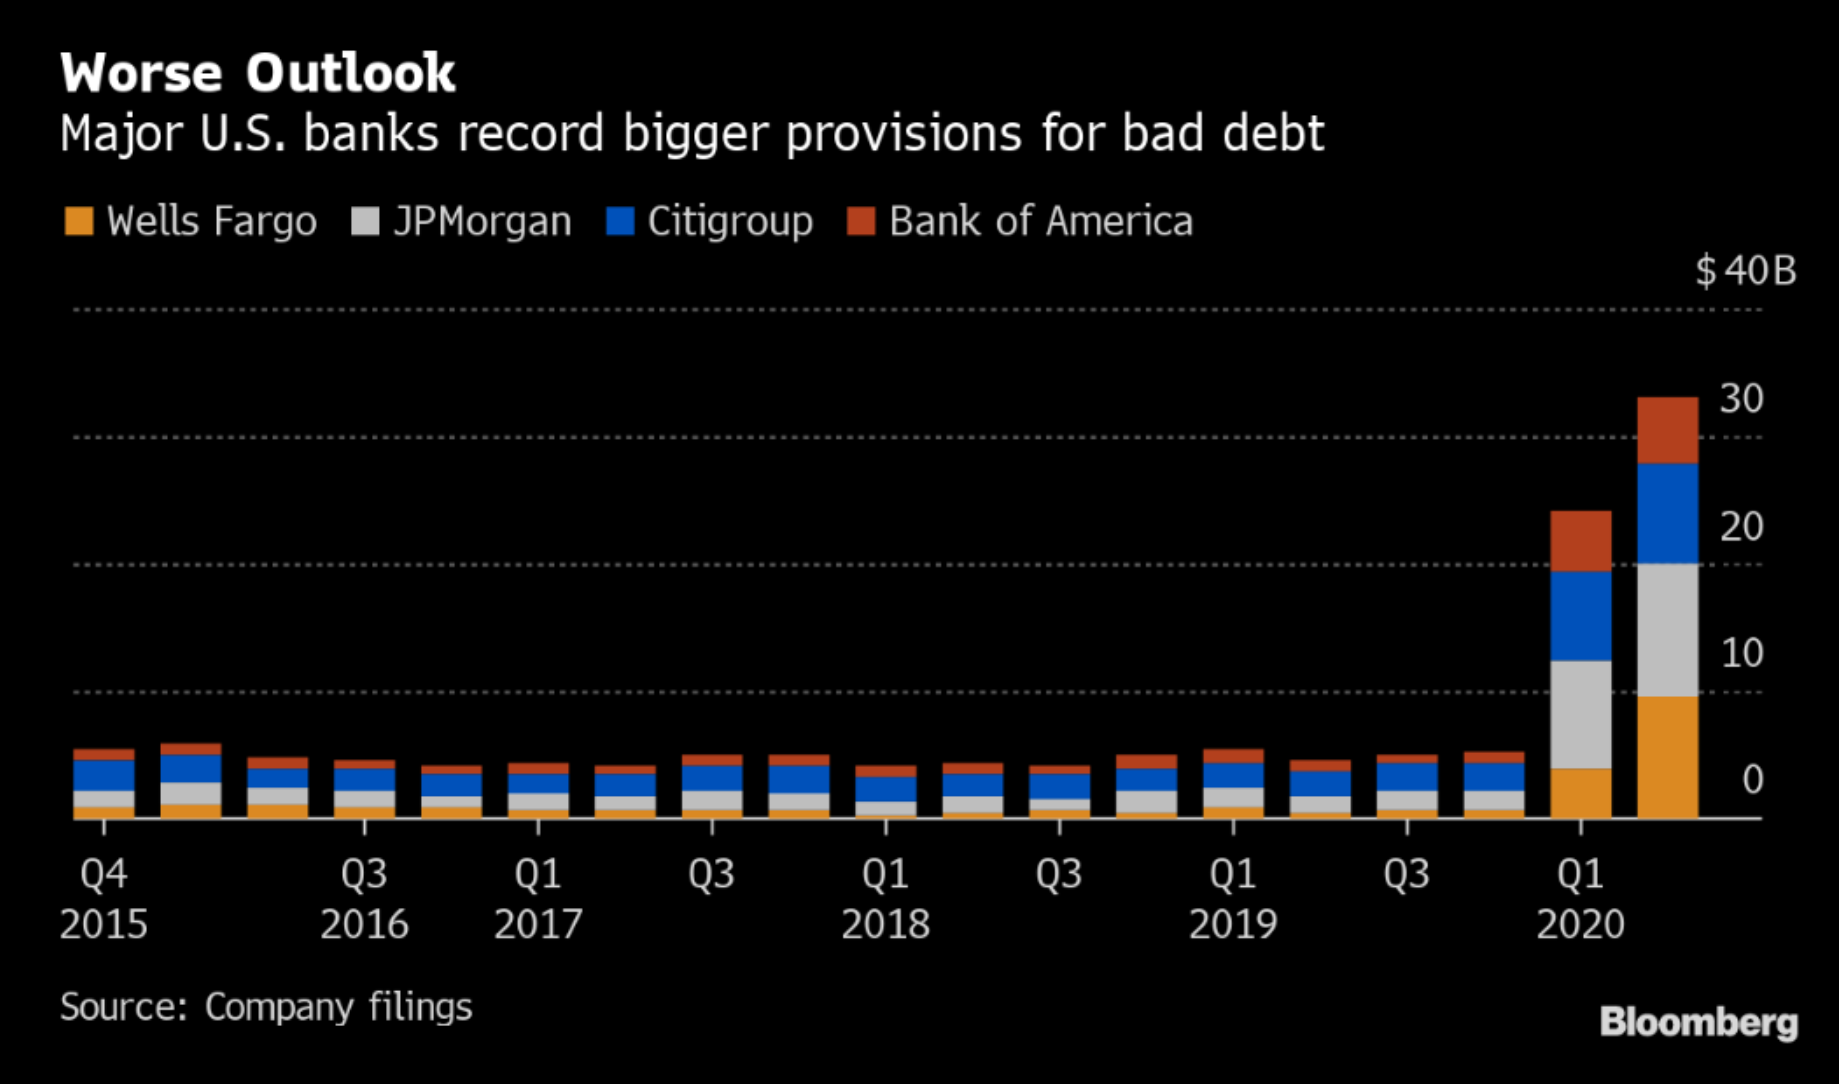 Rezervy na úvěrové ztráty velkých amerických bank v posledních čtvrtletích výrazně vzrostly, zdroj: Bloomberg